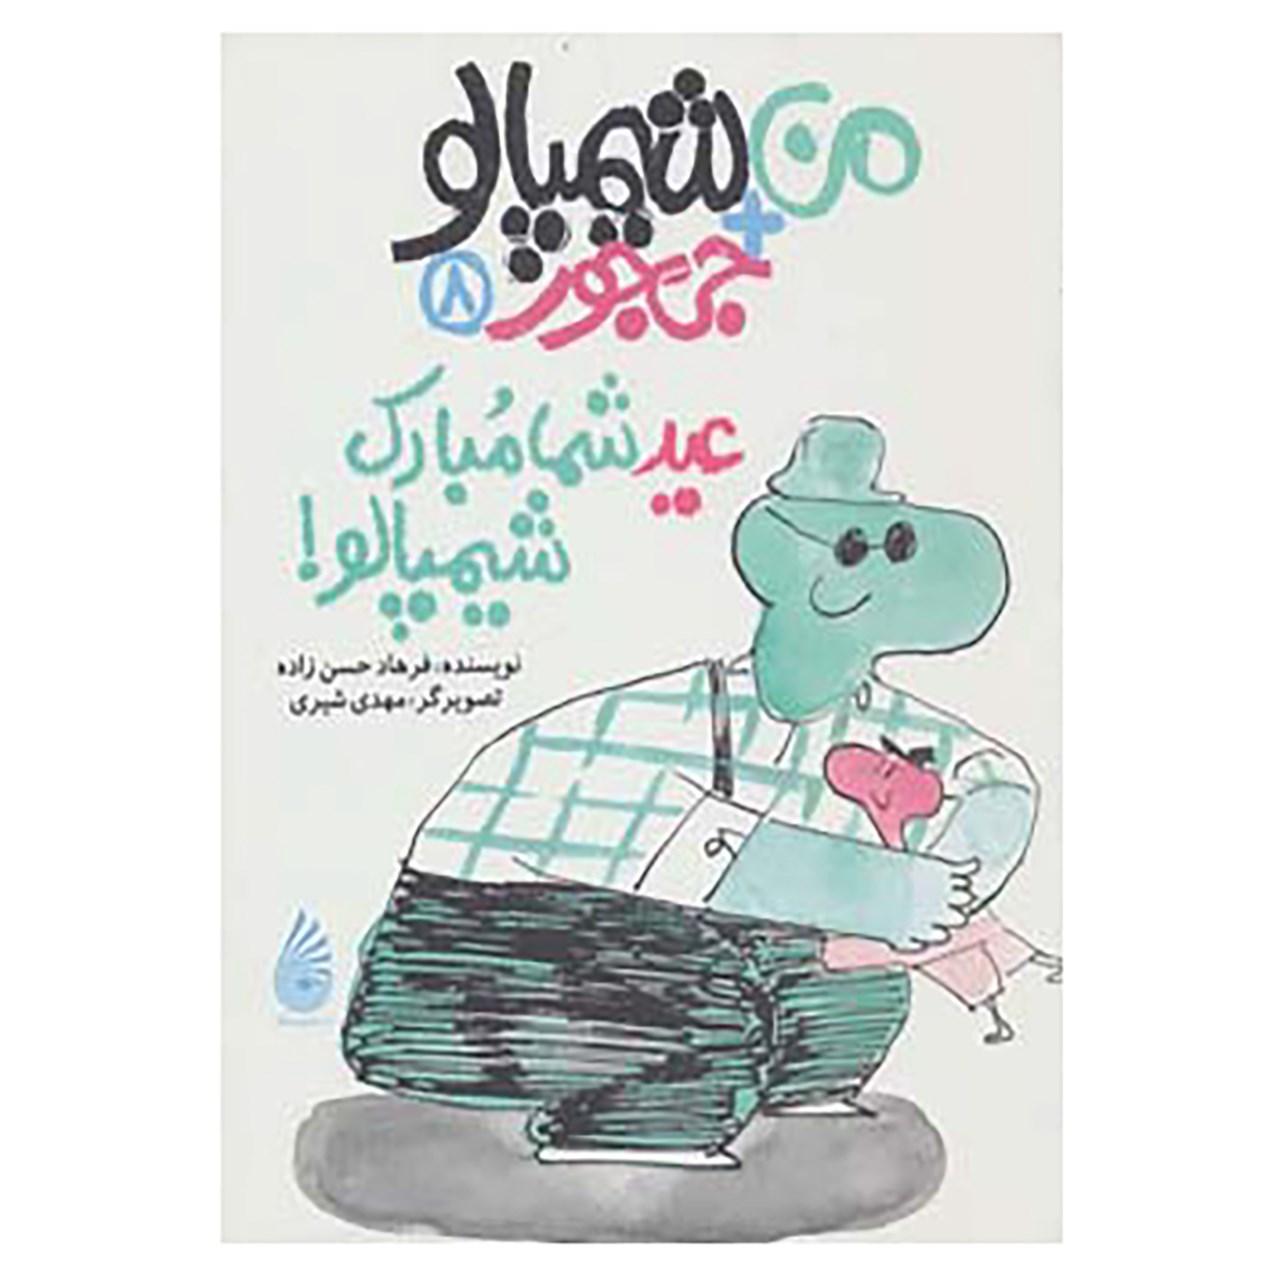 کتاب من + شیمپالو + جی جور 8 اثر فرهاد حسن زاده